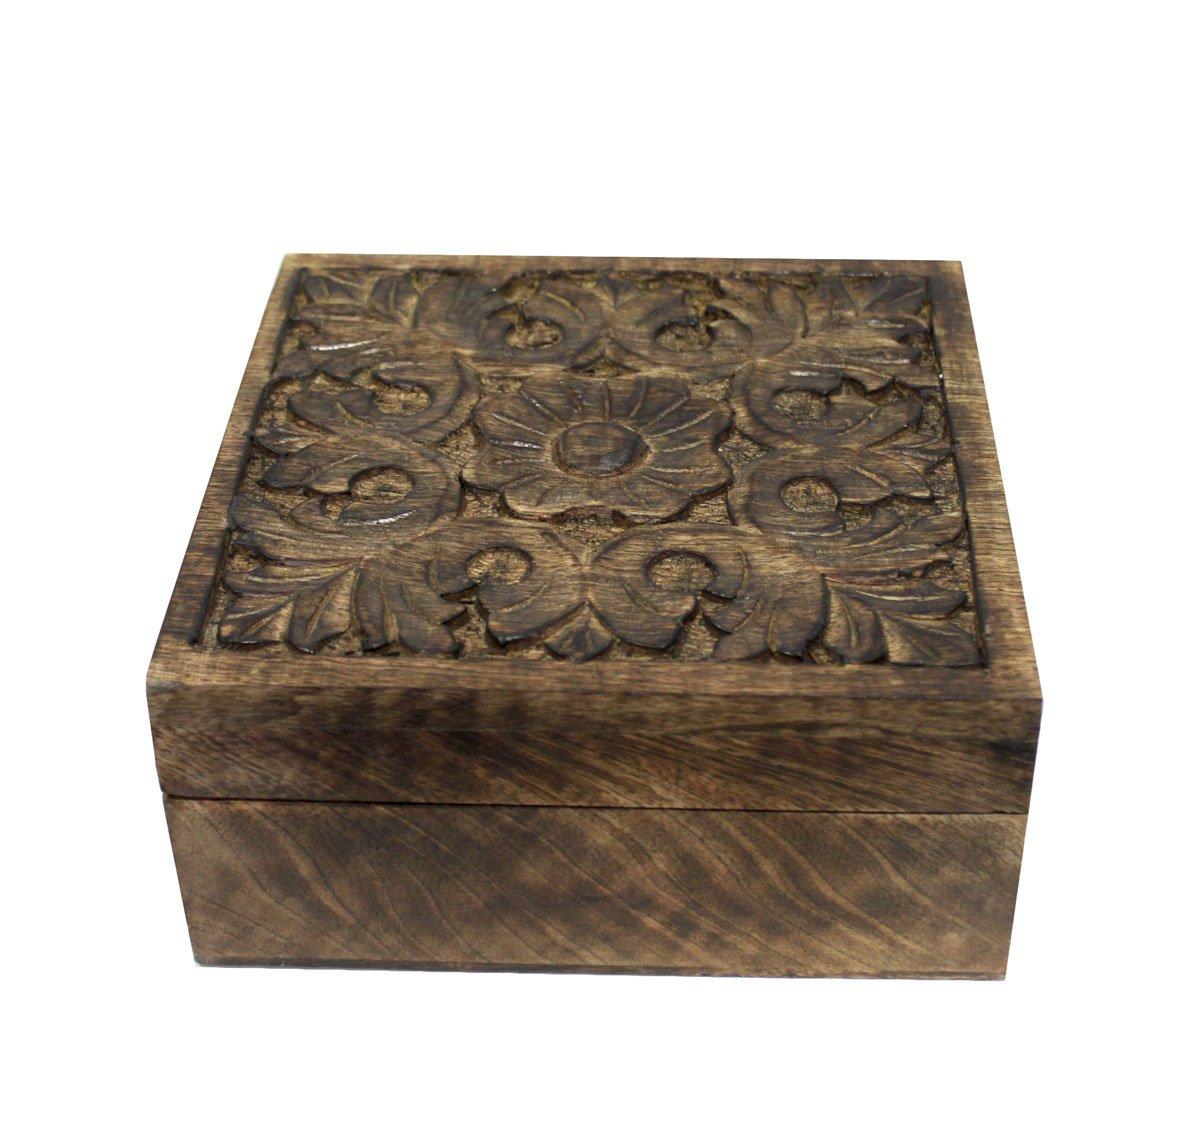 Keyhomestore Caja INTARSIATA de Madera Decorado Blanco Estilo Oriental Muebles Indian - H10 x 22 x 22 cm: Amazon.es: Hogar